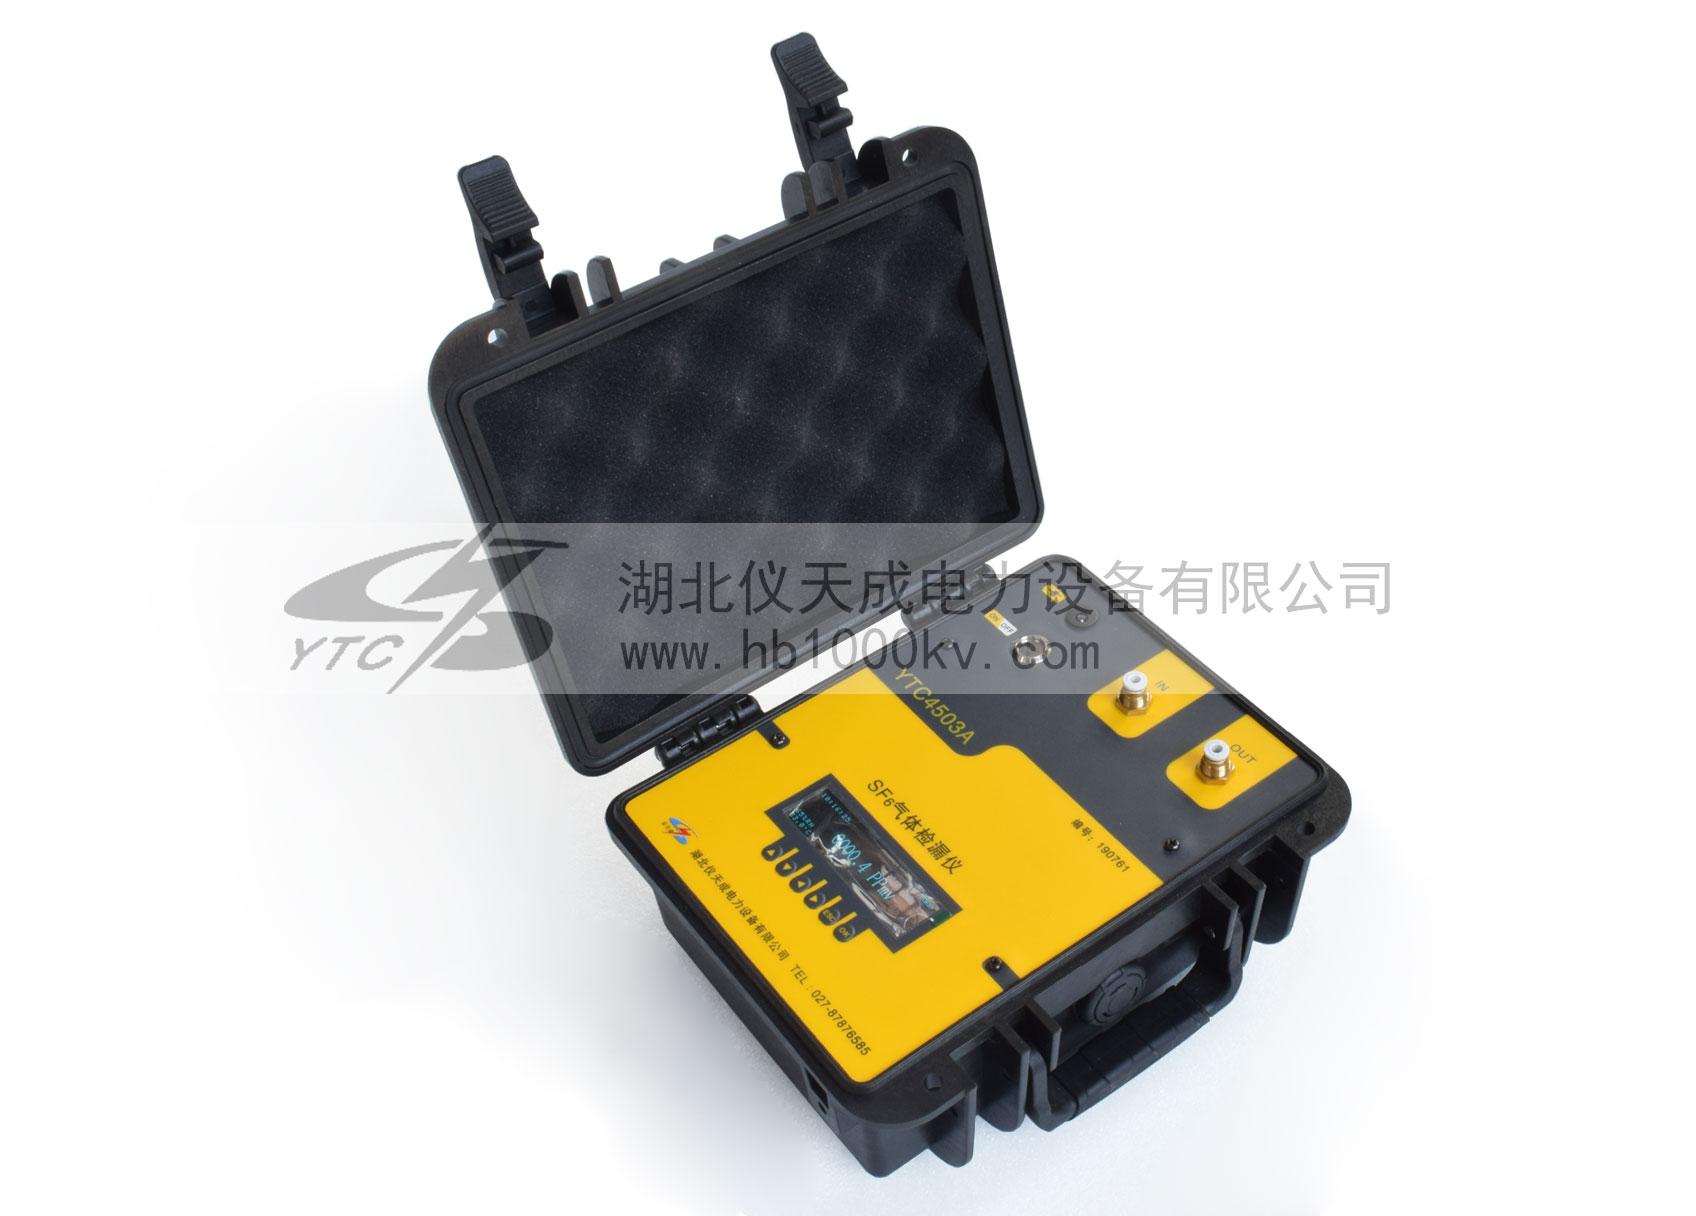 YTC4503A SF6气体检漏仪